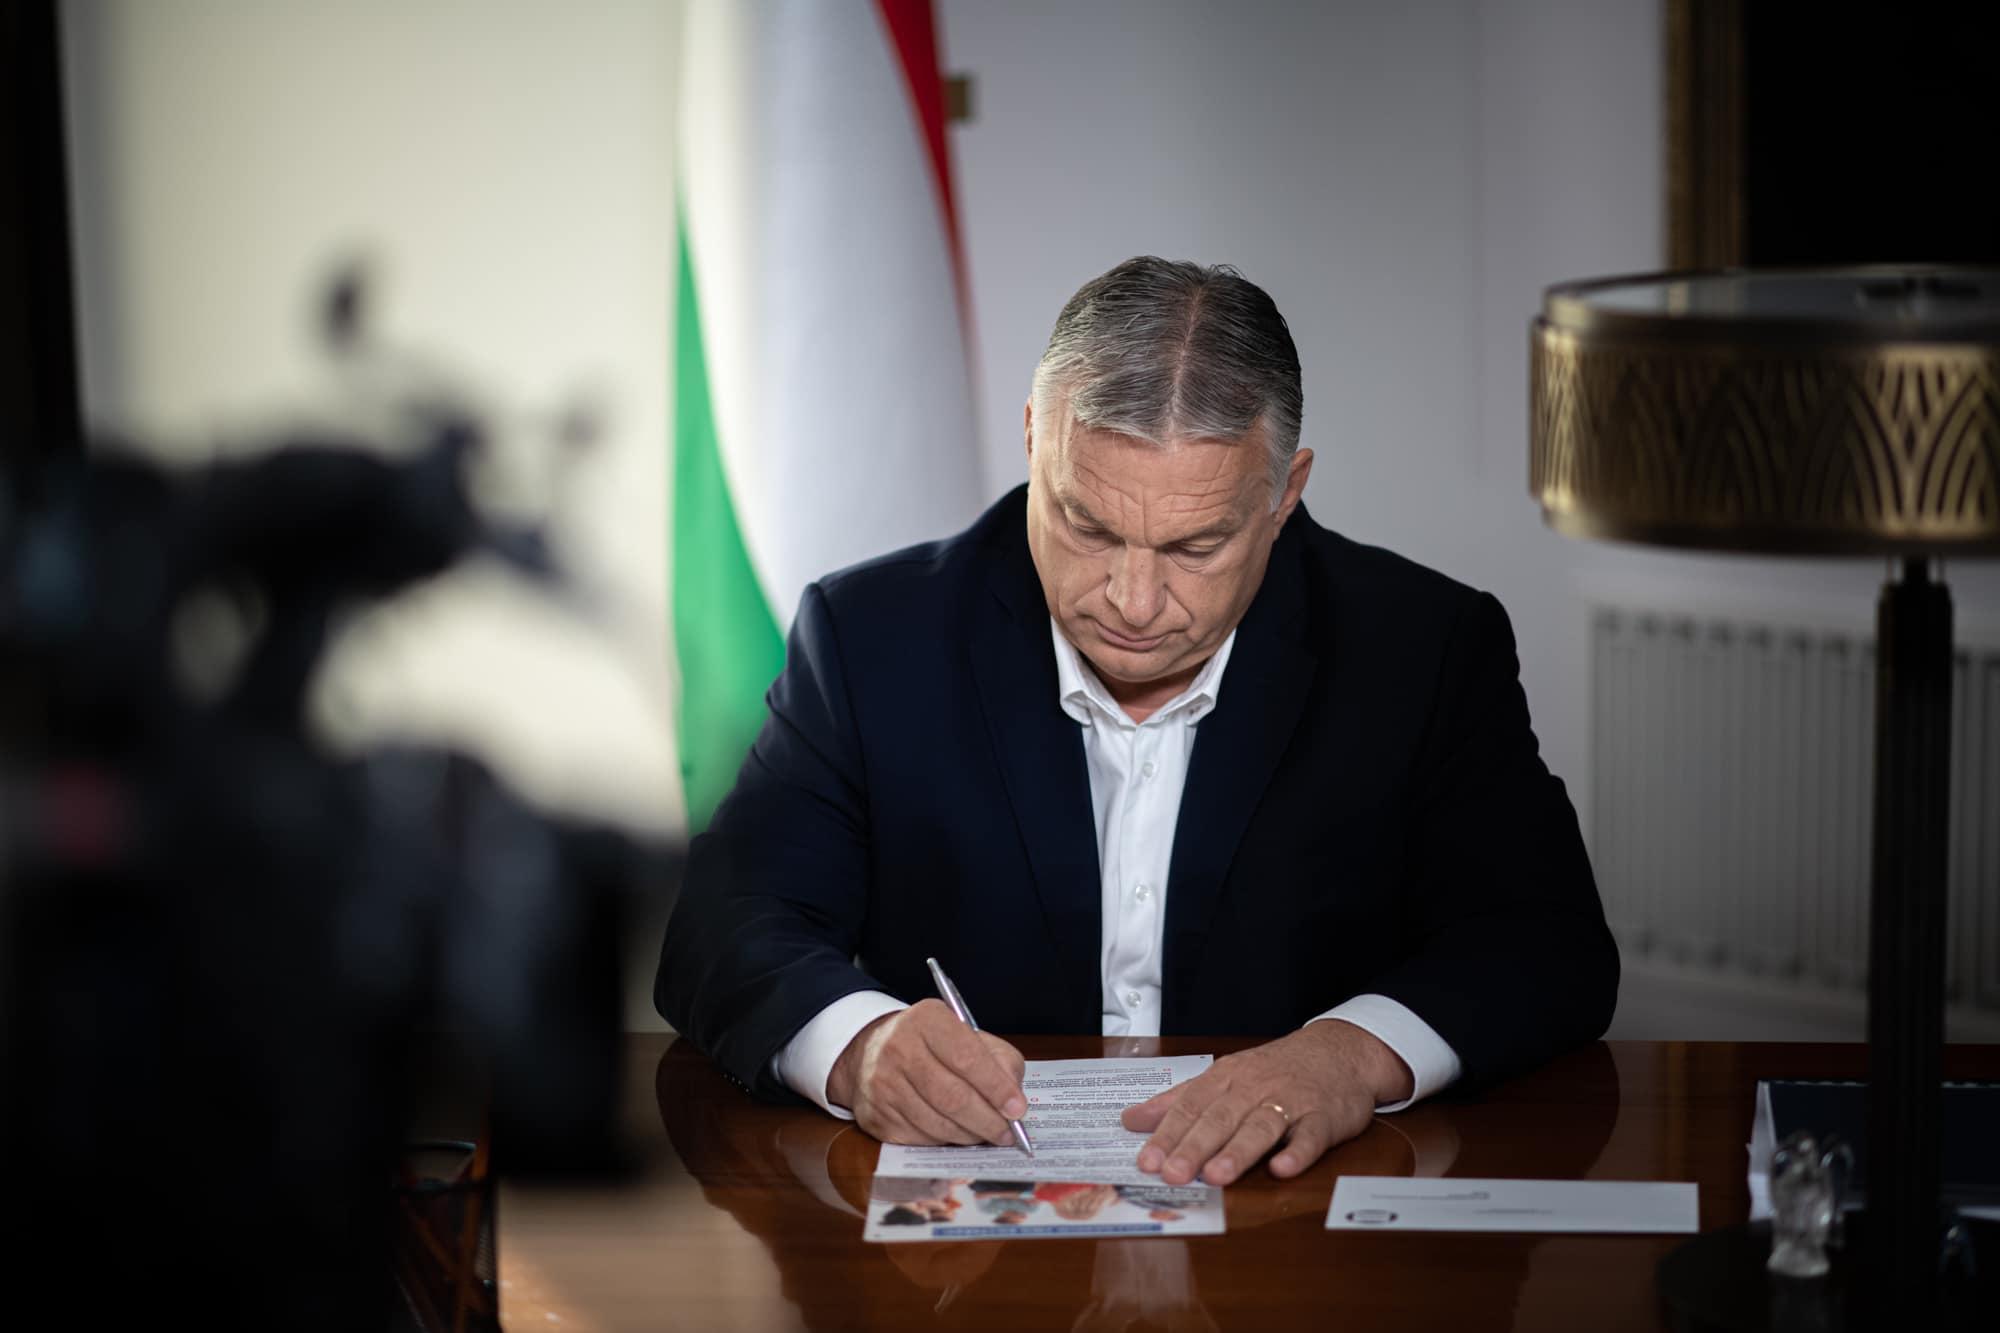 Nationale Konsultation: Orbán ermutigt Wähler, an Umfrage teilzunehmen